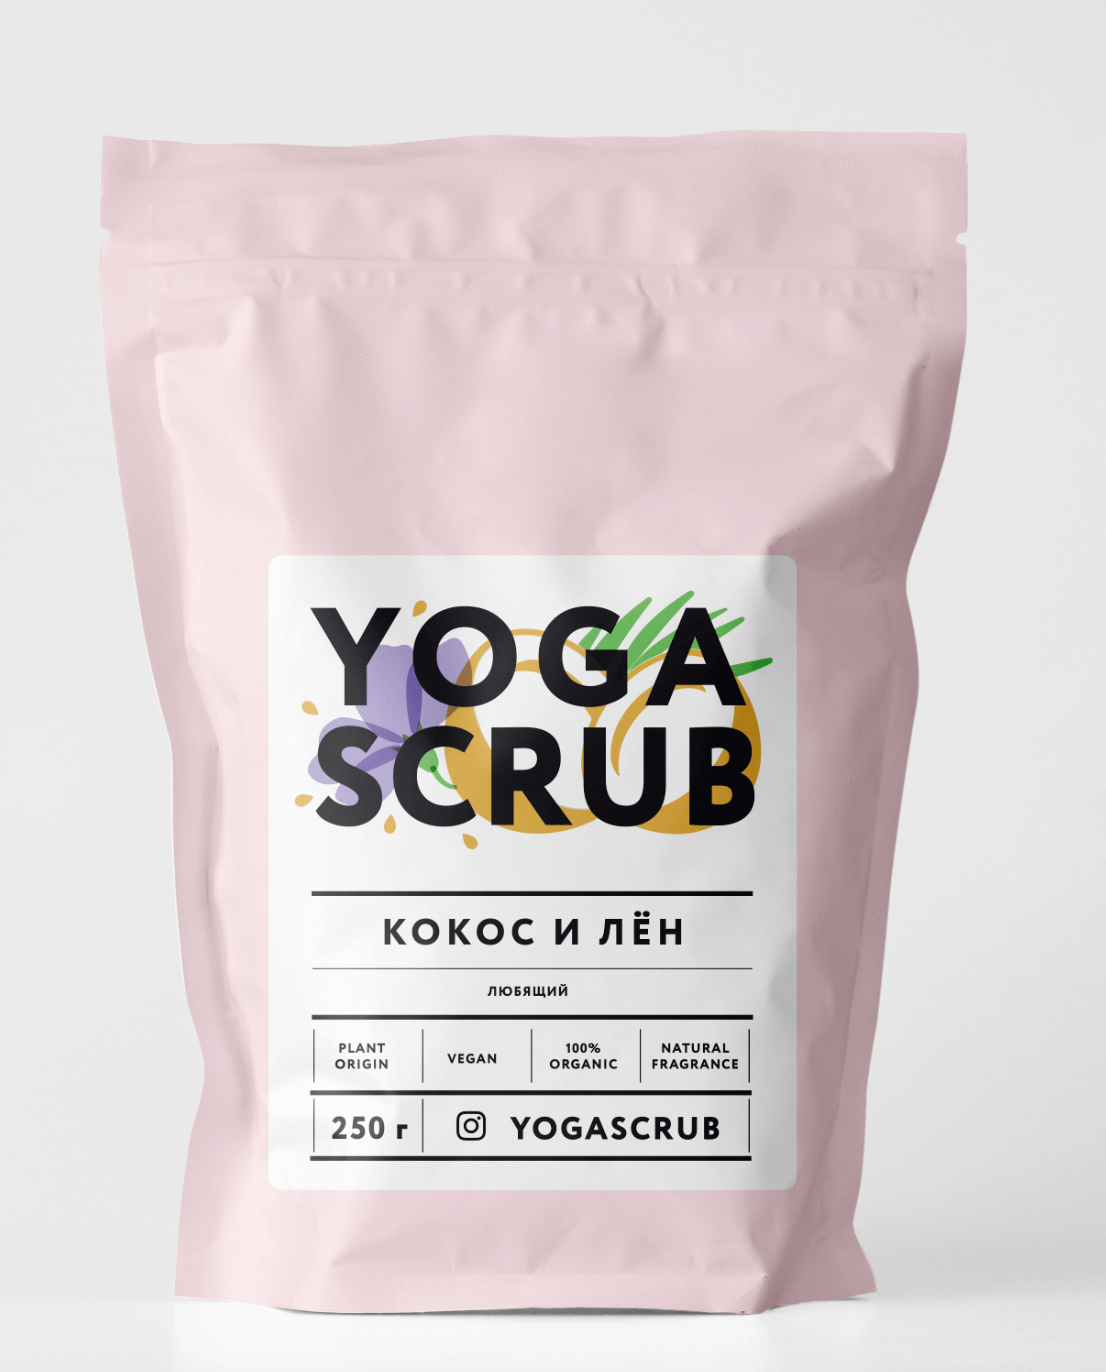 Серия этикеток для Yoga Scrub